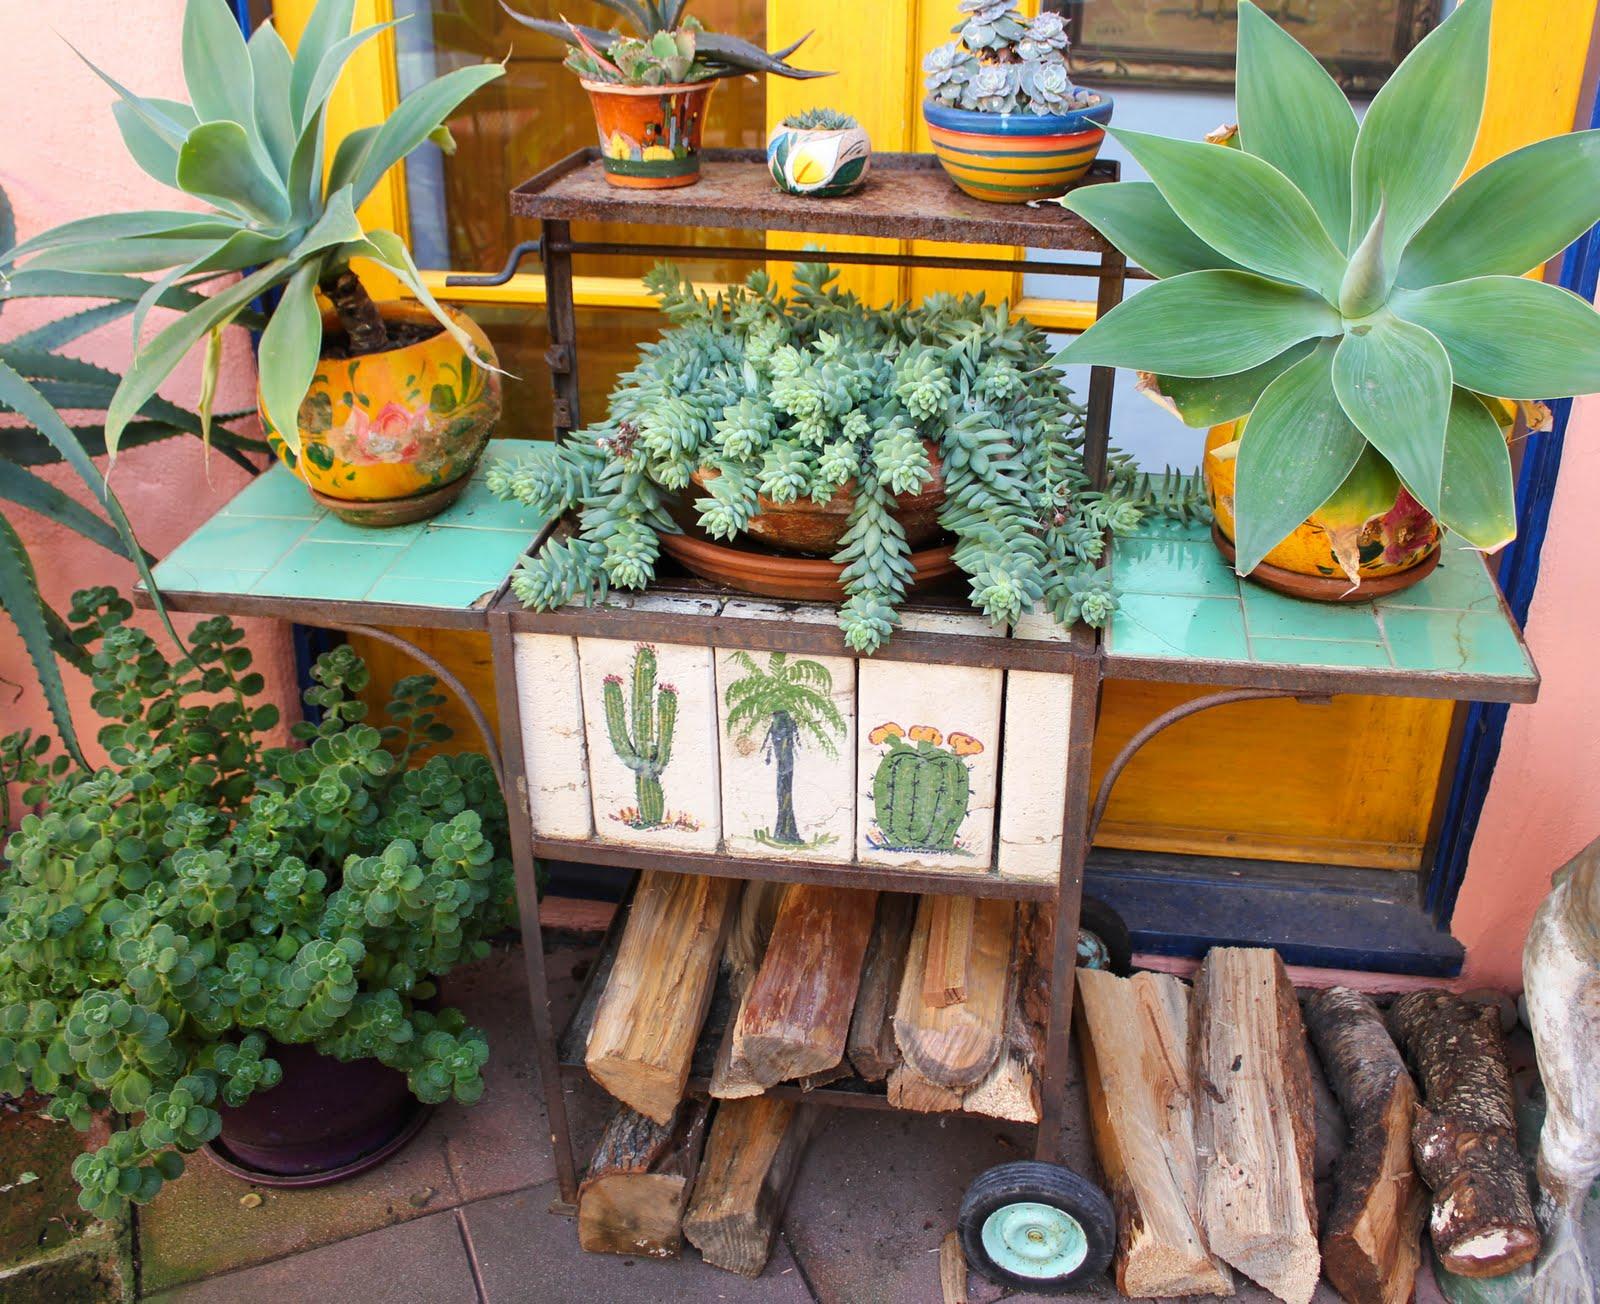 Mexican Gardens on Pinterest | Mexican Garden, San Miguel ... on Mexican Backyard Decor id=67383